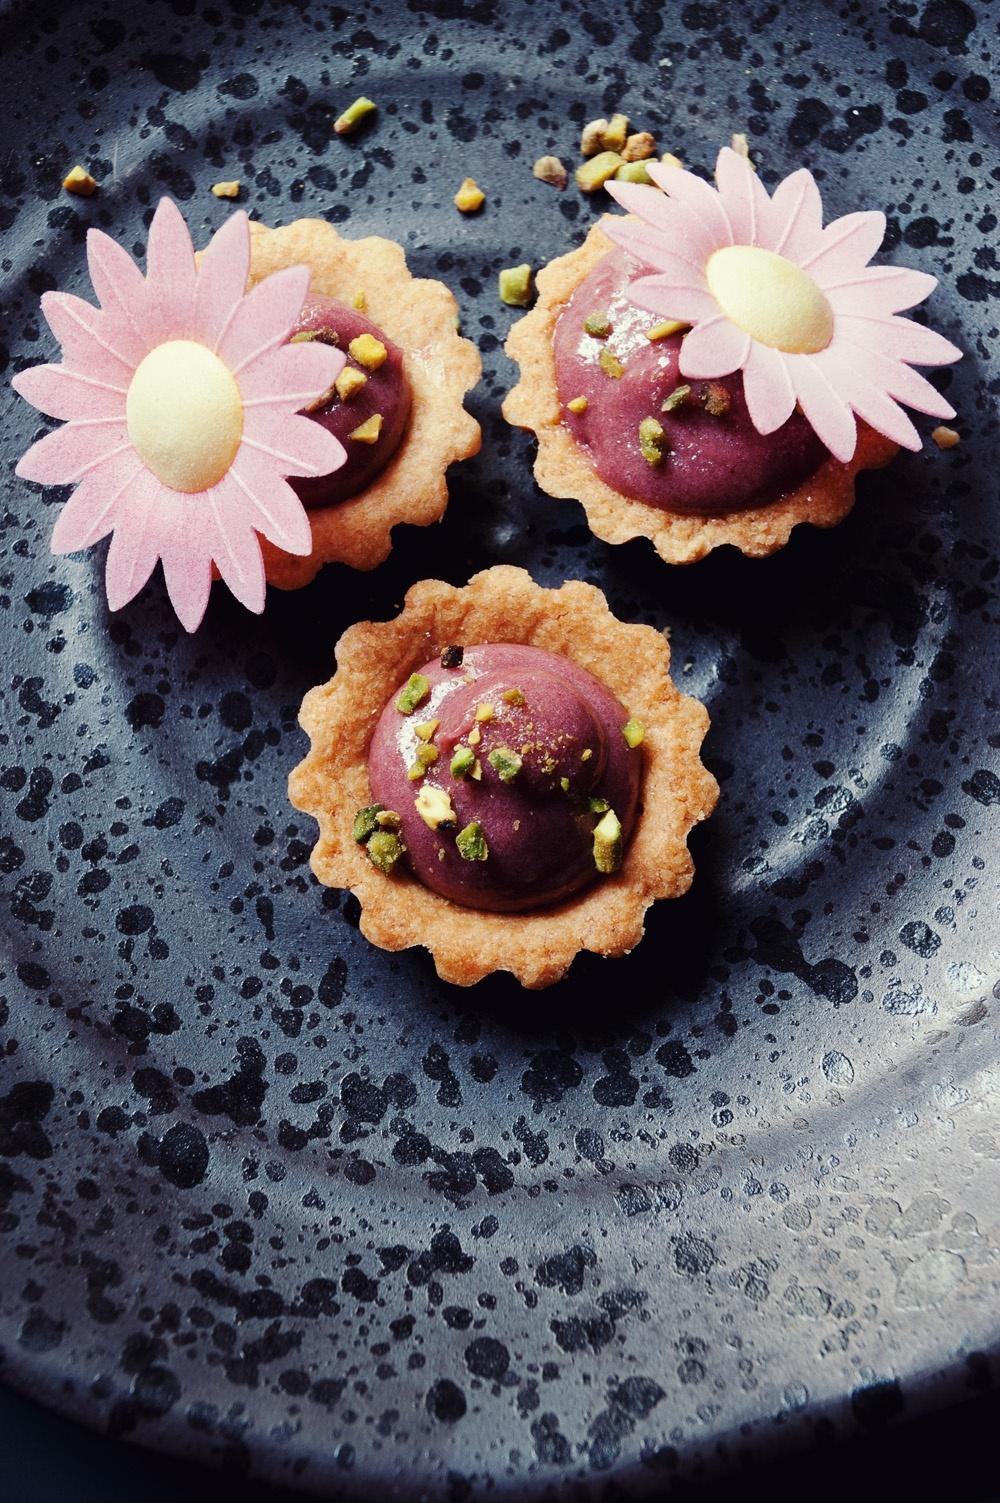 Tartelettes raspberry curd - Qui a volé les tartes - Studio 2 création